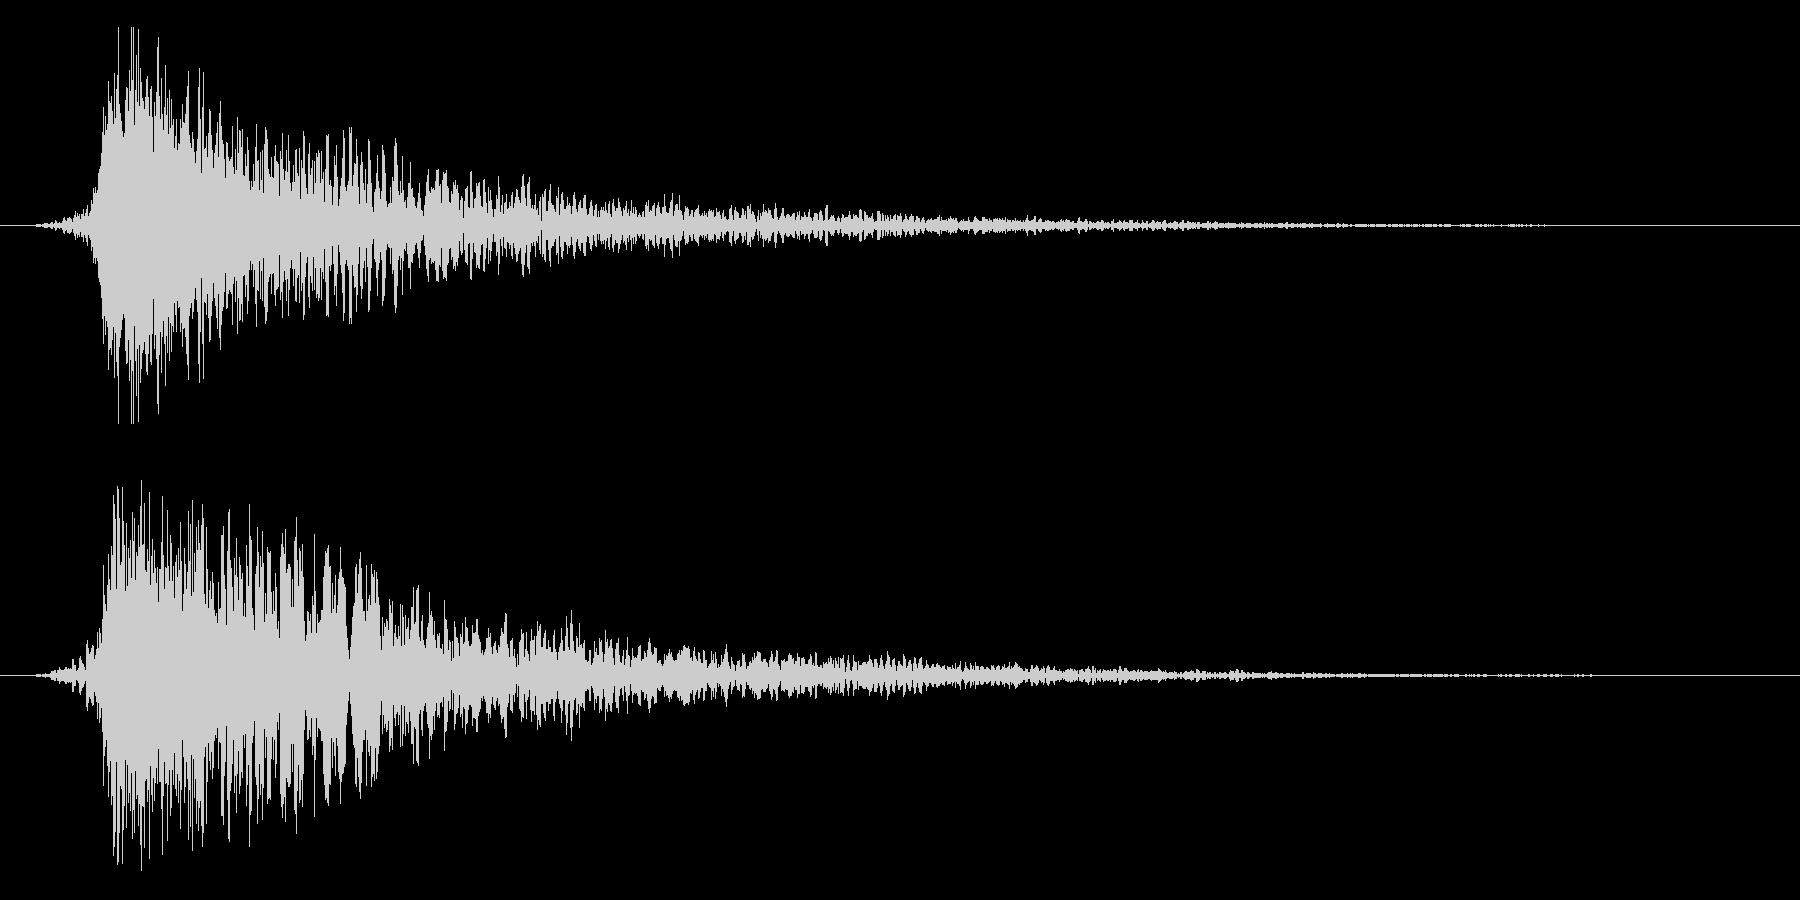 シネマティック ヒット インパクト!11の未再生の波形